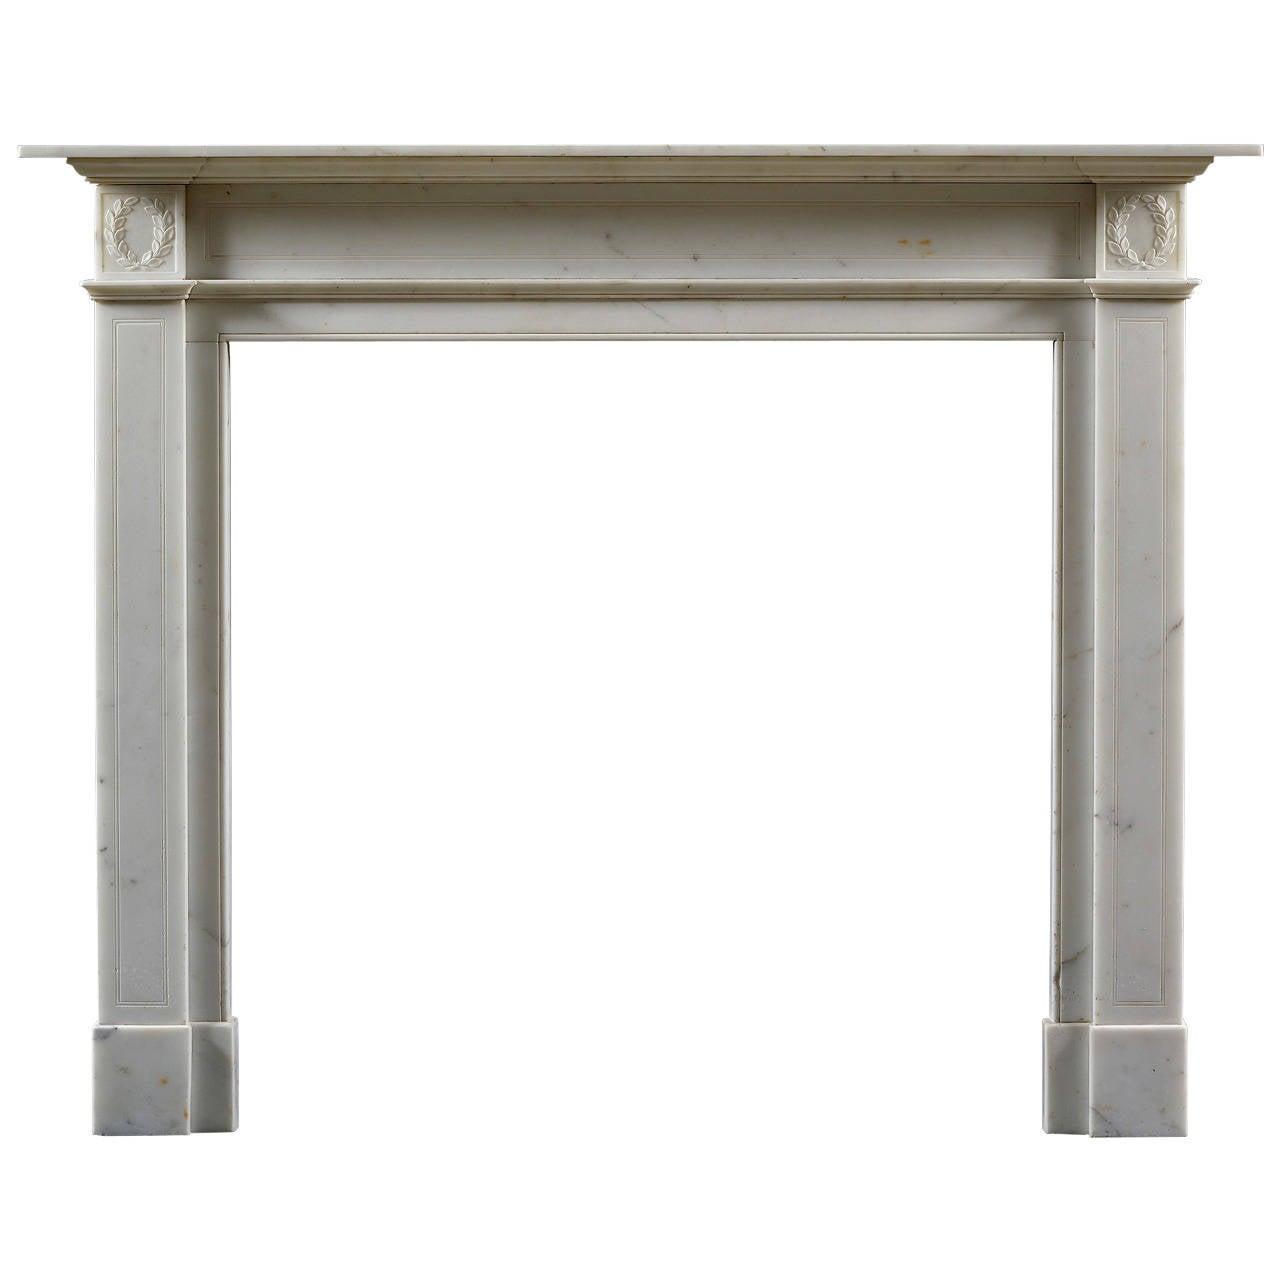 Early Regency Statuary Marble Fireplace Mantel